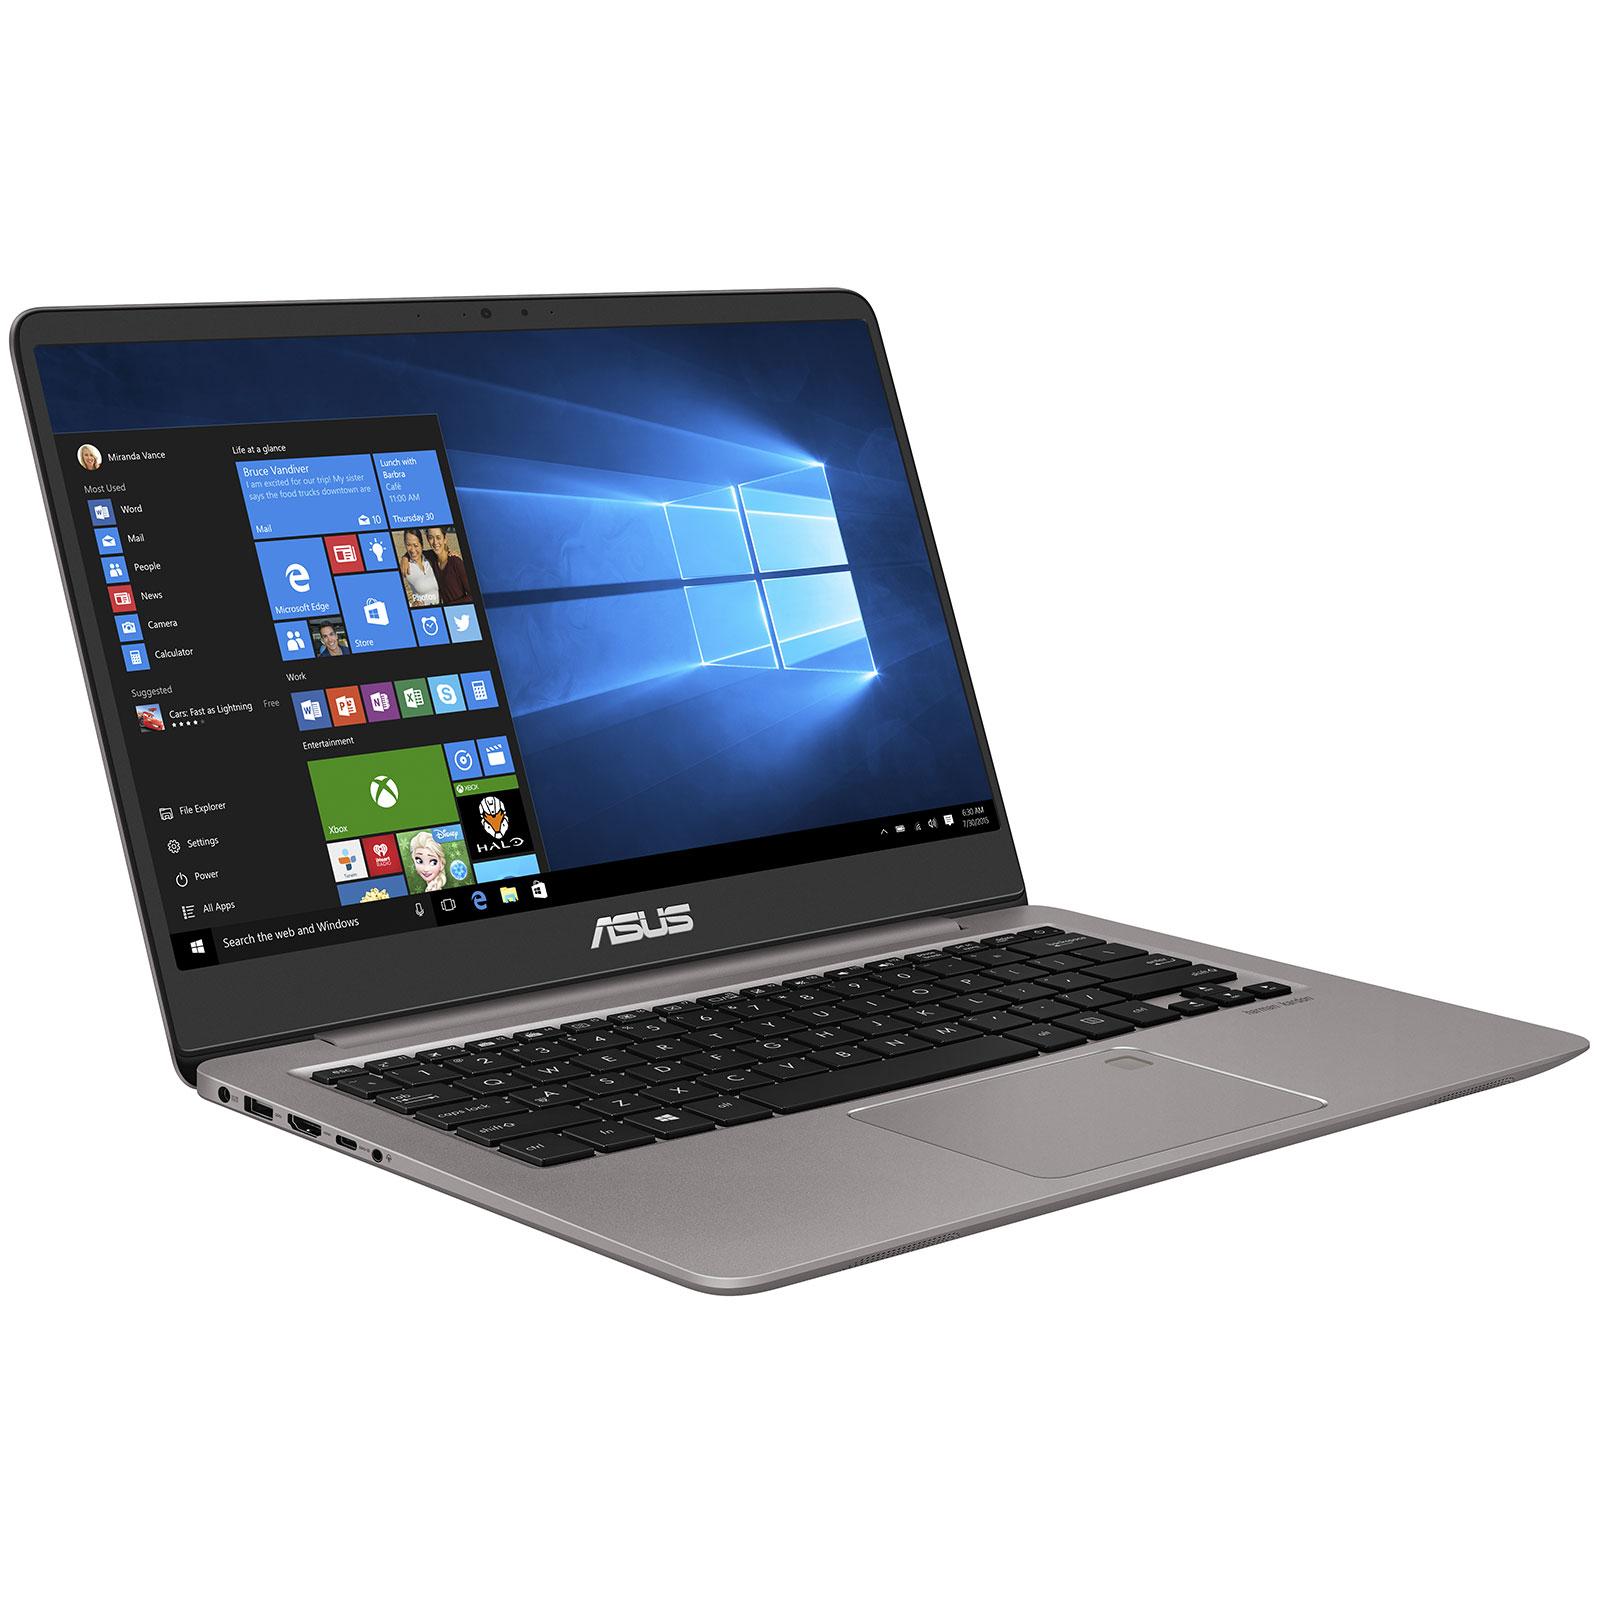 Asus UX410UA-GV027R - PC portable Asus - Cybertek.fr - 0